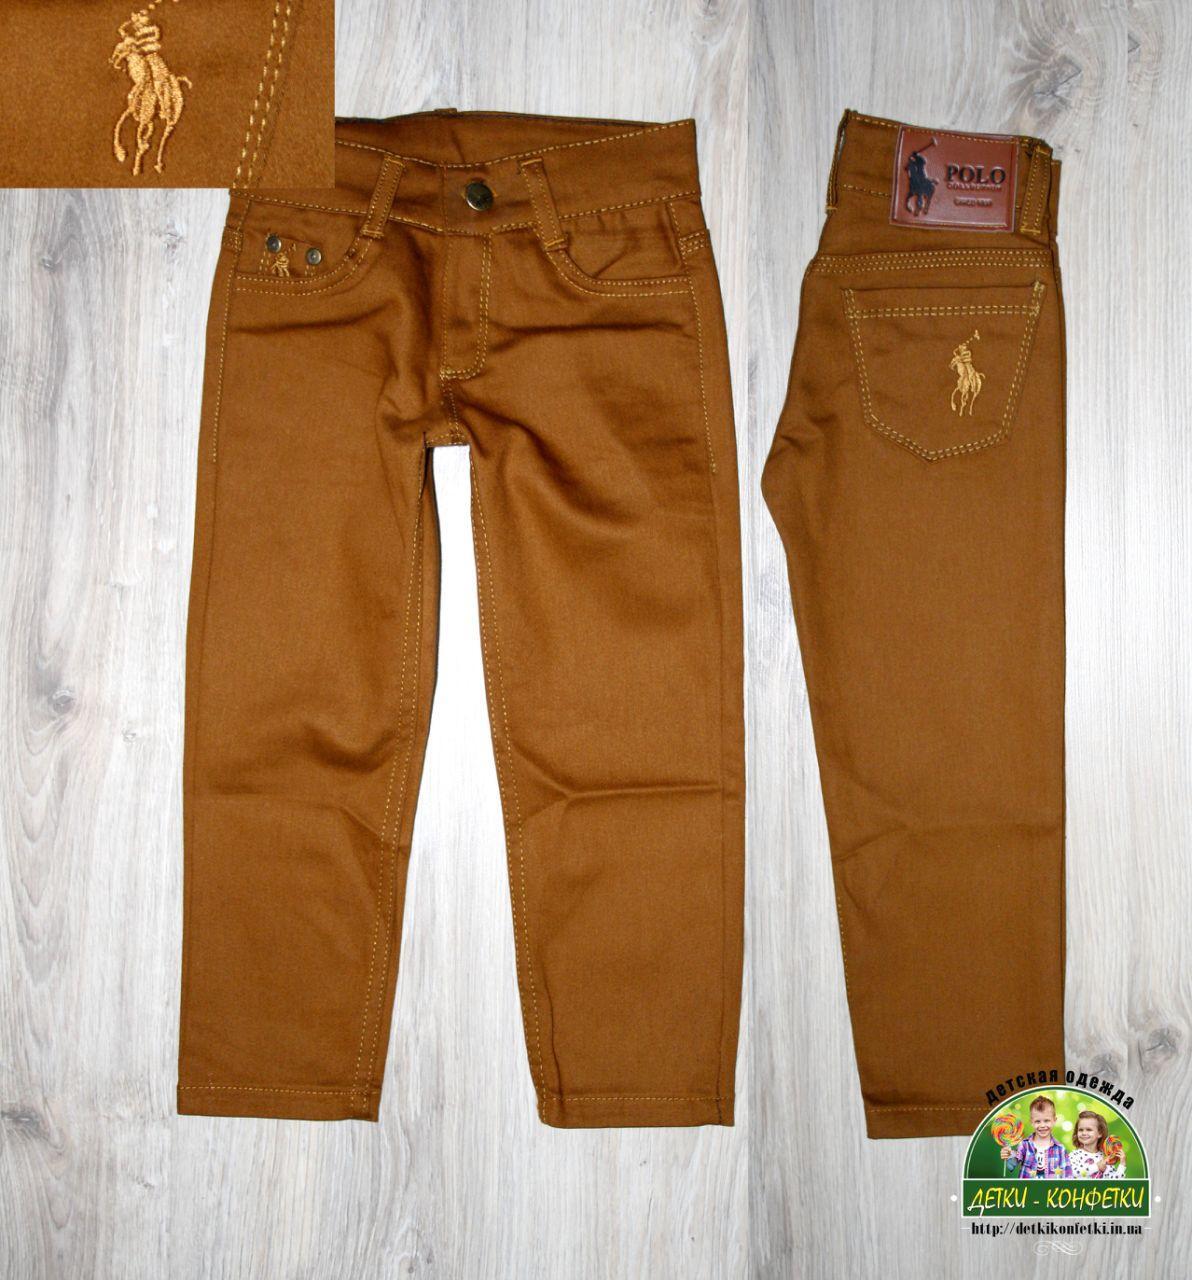 Горчичные джинсы Polo для мальчика 3 года